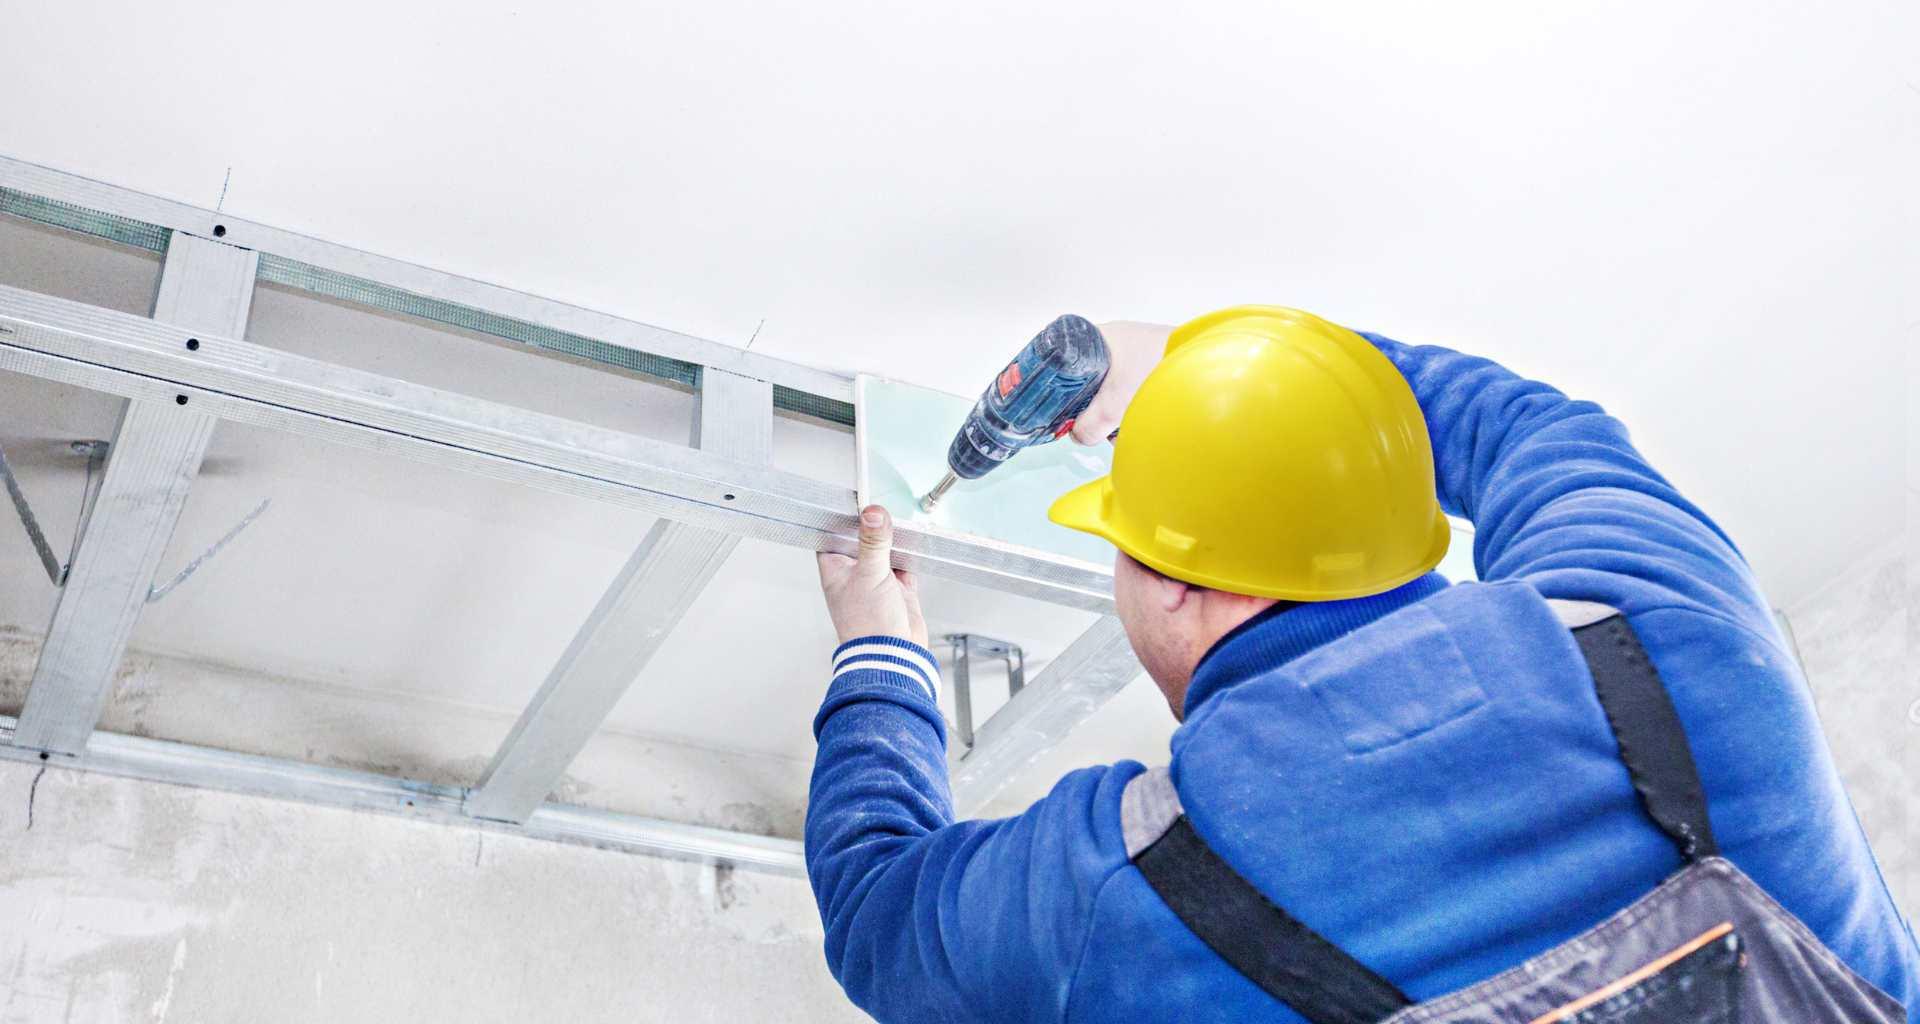 Potrebujete knauf stene ali spuščen strop? Pomagali vam bomo najti pravega mojstra za montažo knaufa